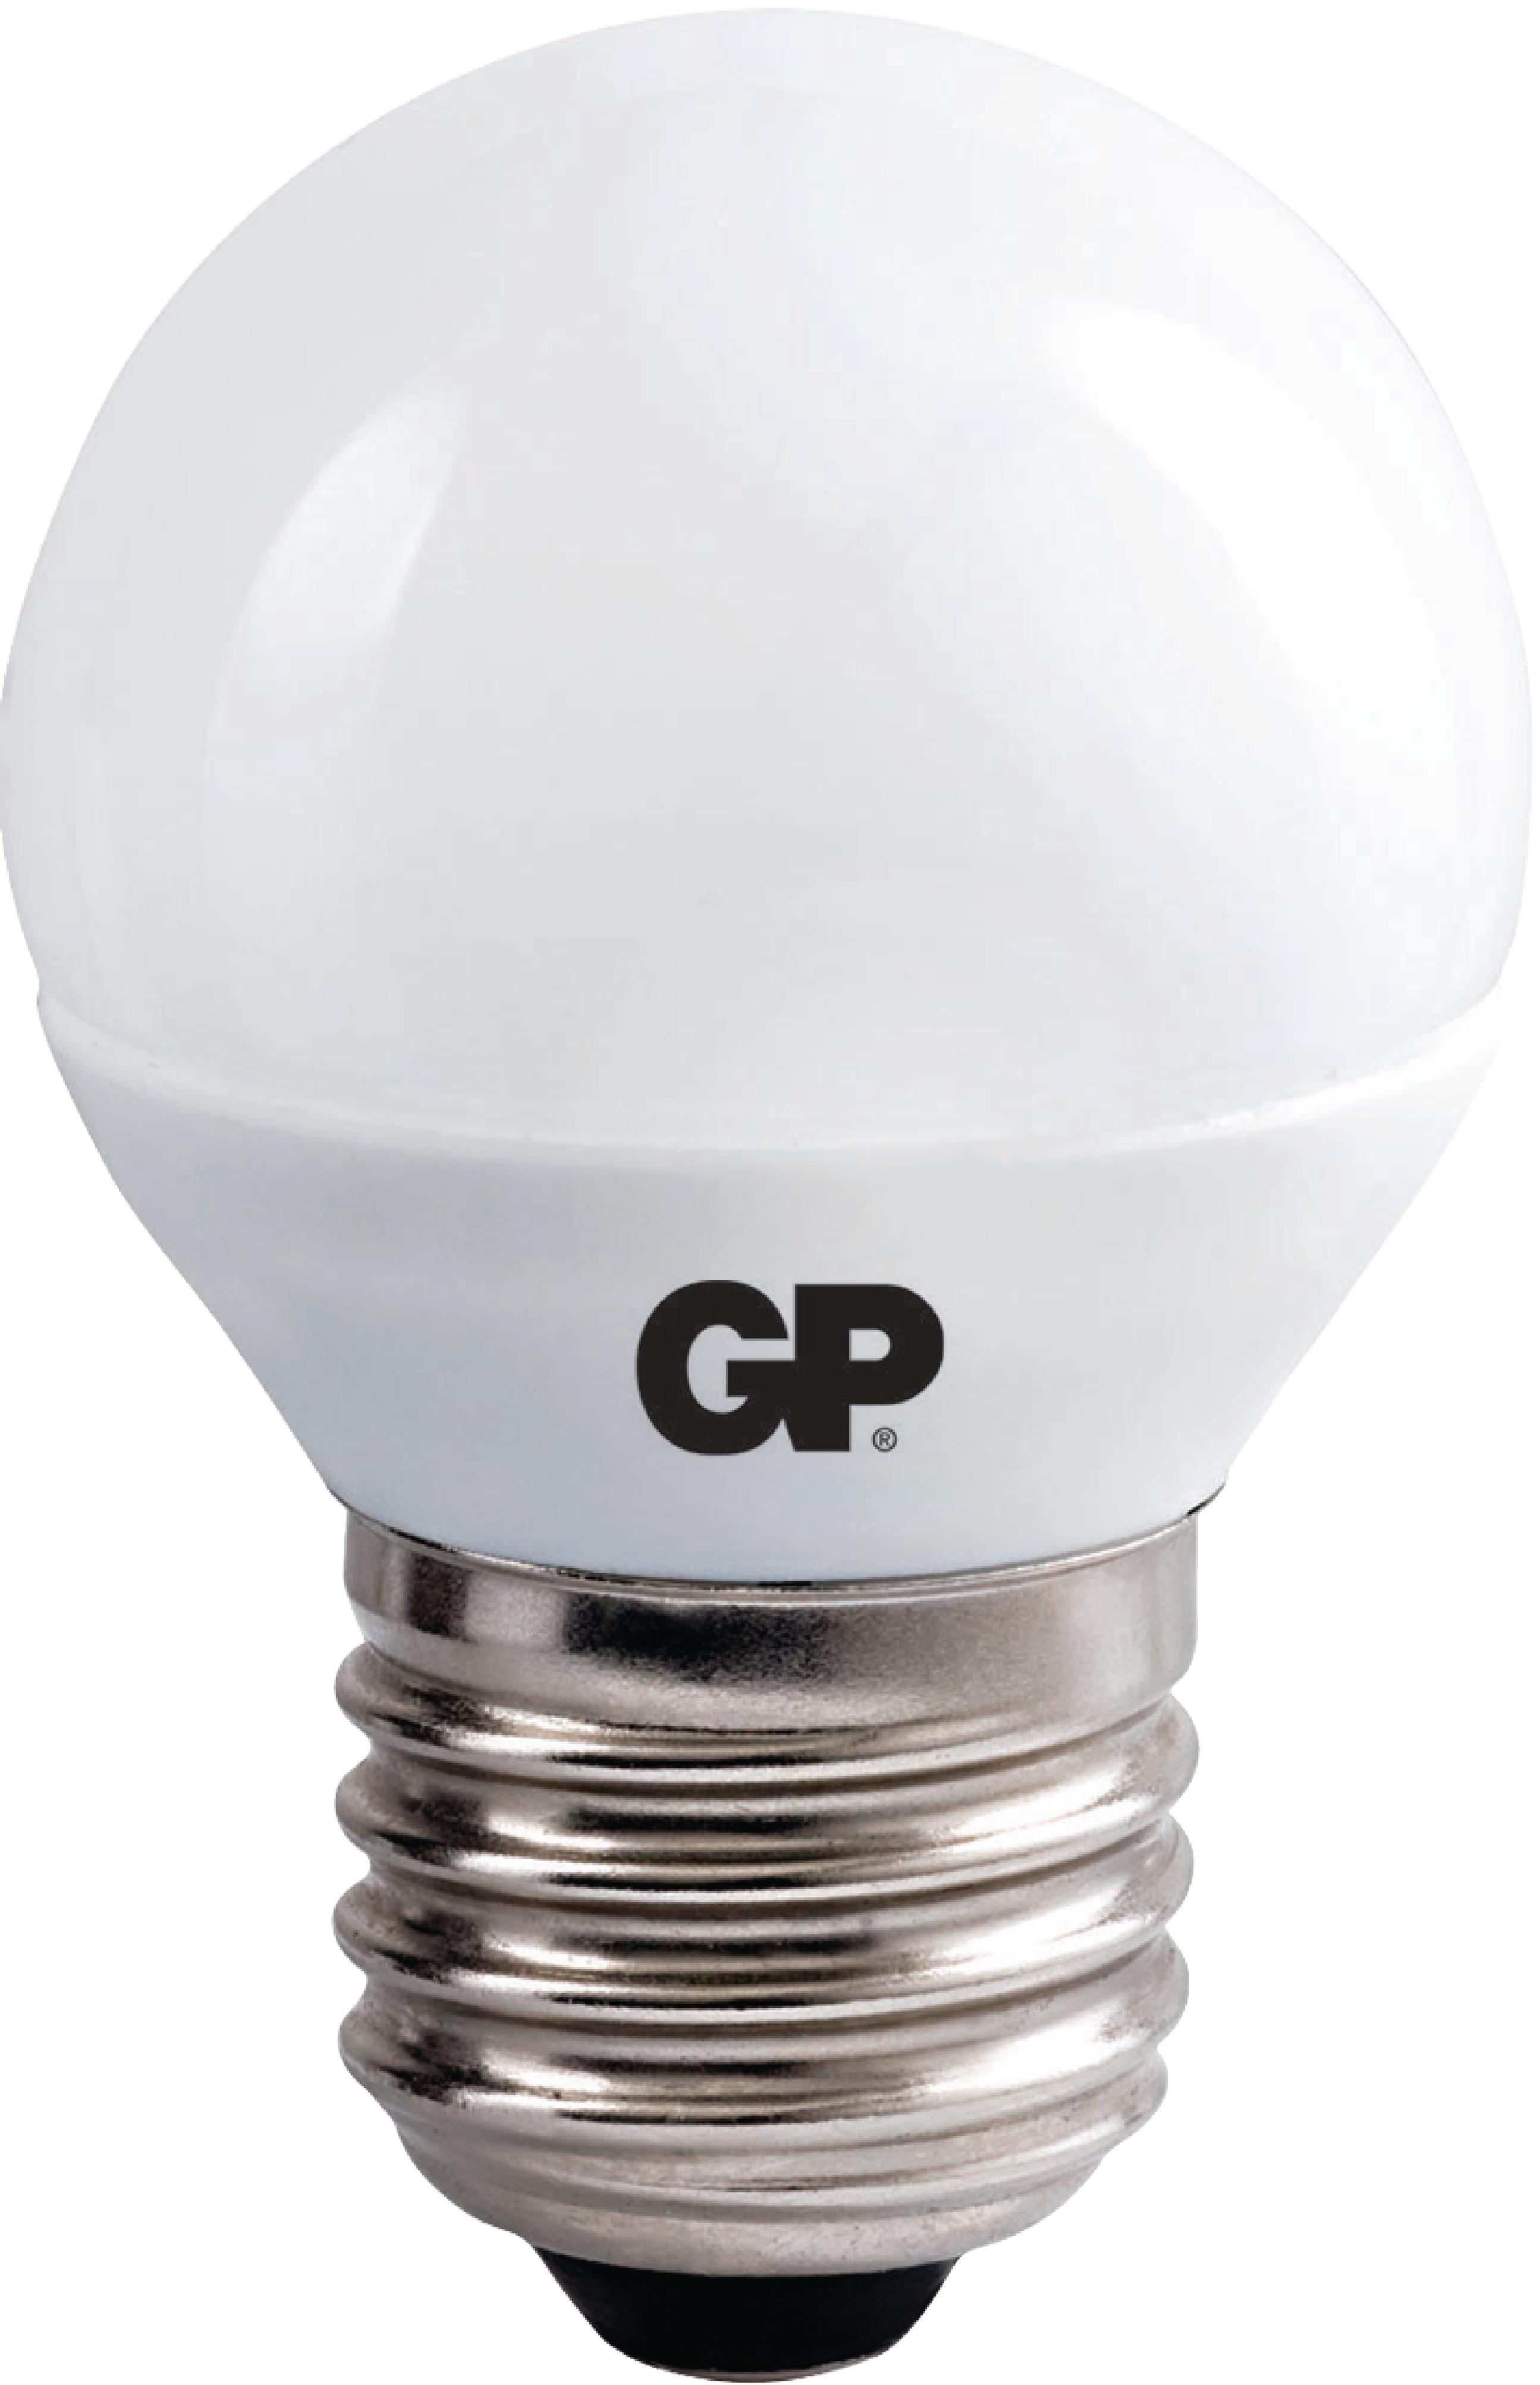 Ld 071303 W Mini 5 Gp Globe Electronic Lamp E27 3 Led 1lFKcJ